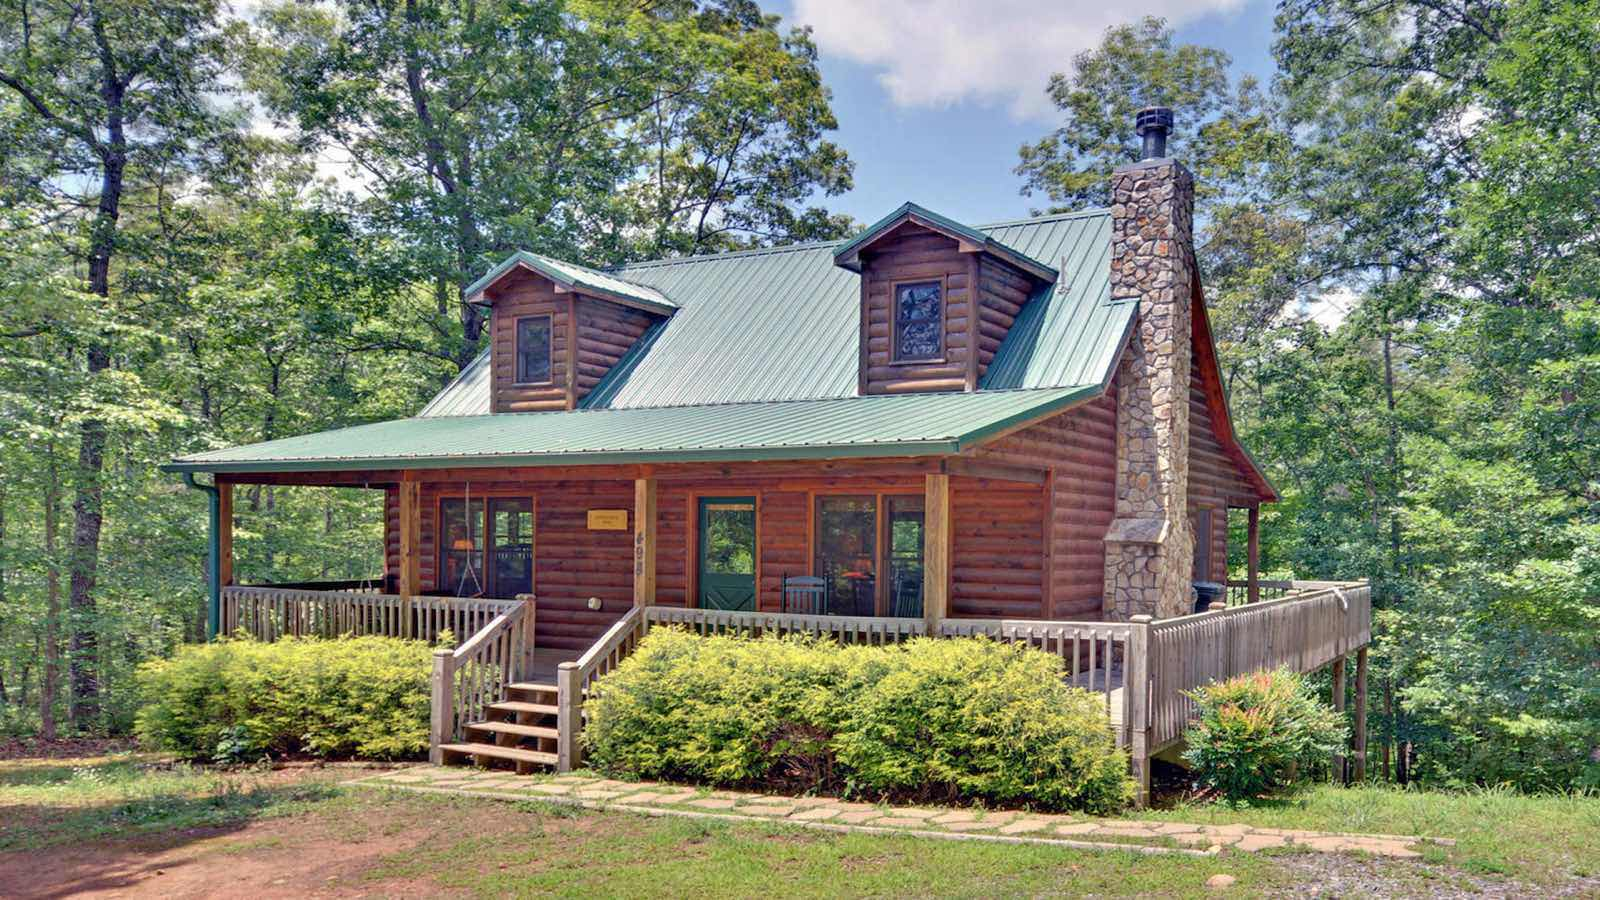 north georgia mountain cabin rentals ForNorth Georgia Mountain Cabins For Rent